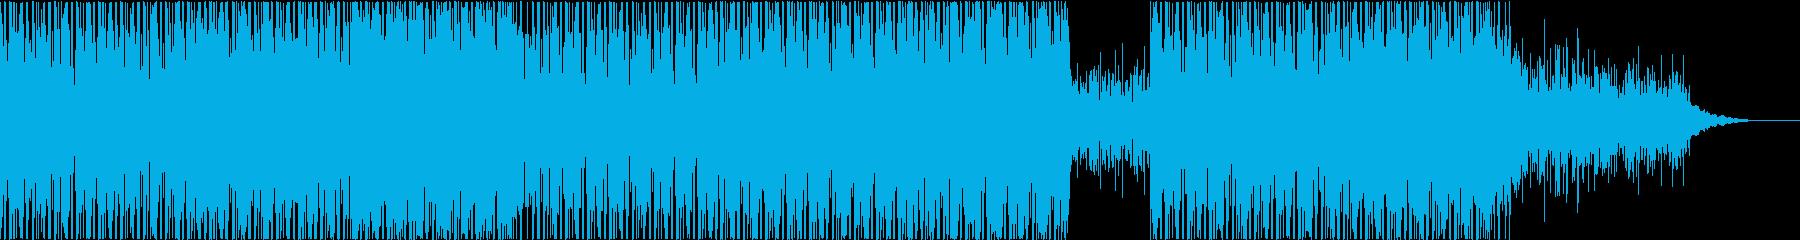 ダークでサイバーなミドルテンポの電子音楽の再生済みの波形